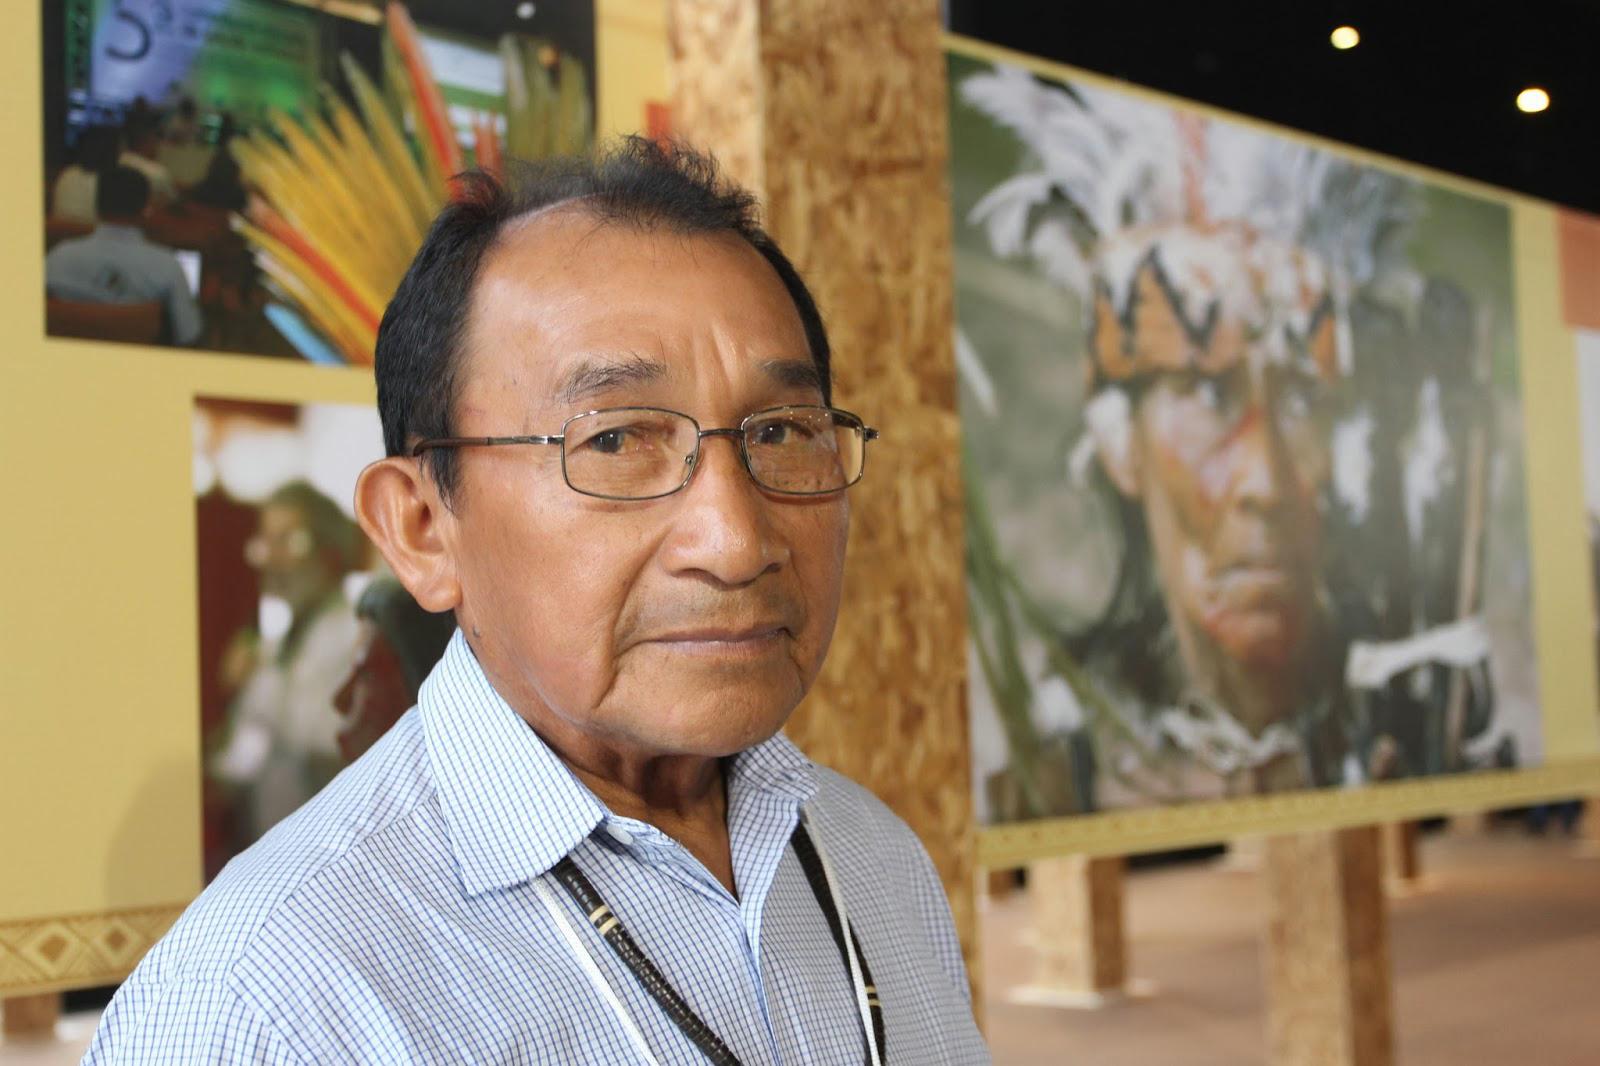 Aos 73 anos, grande liderança de Roraima enfrenta descaso no atendimento de saúde